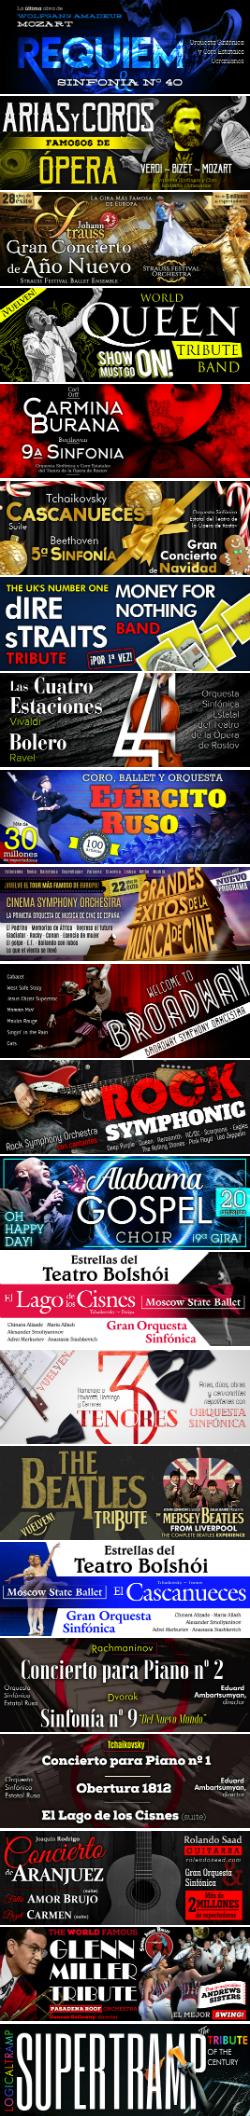 Cicle Promoconcert: concerts a Barcelona